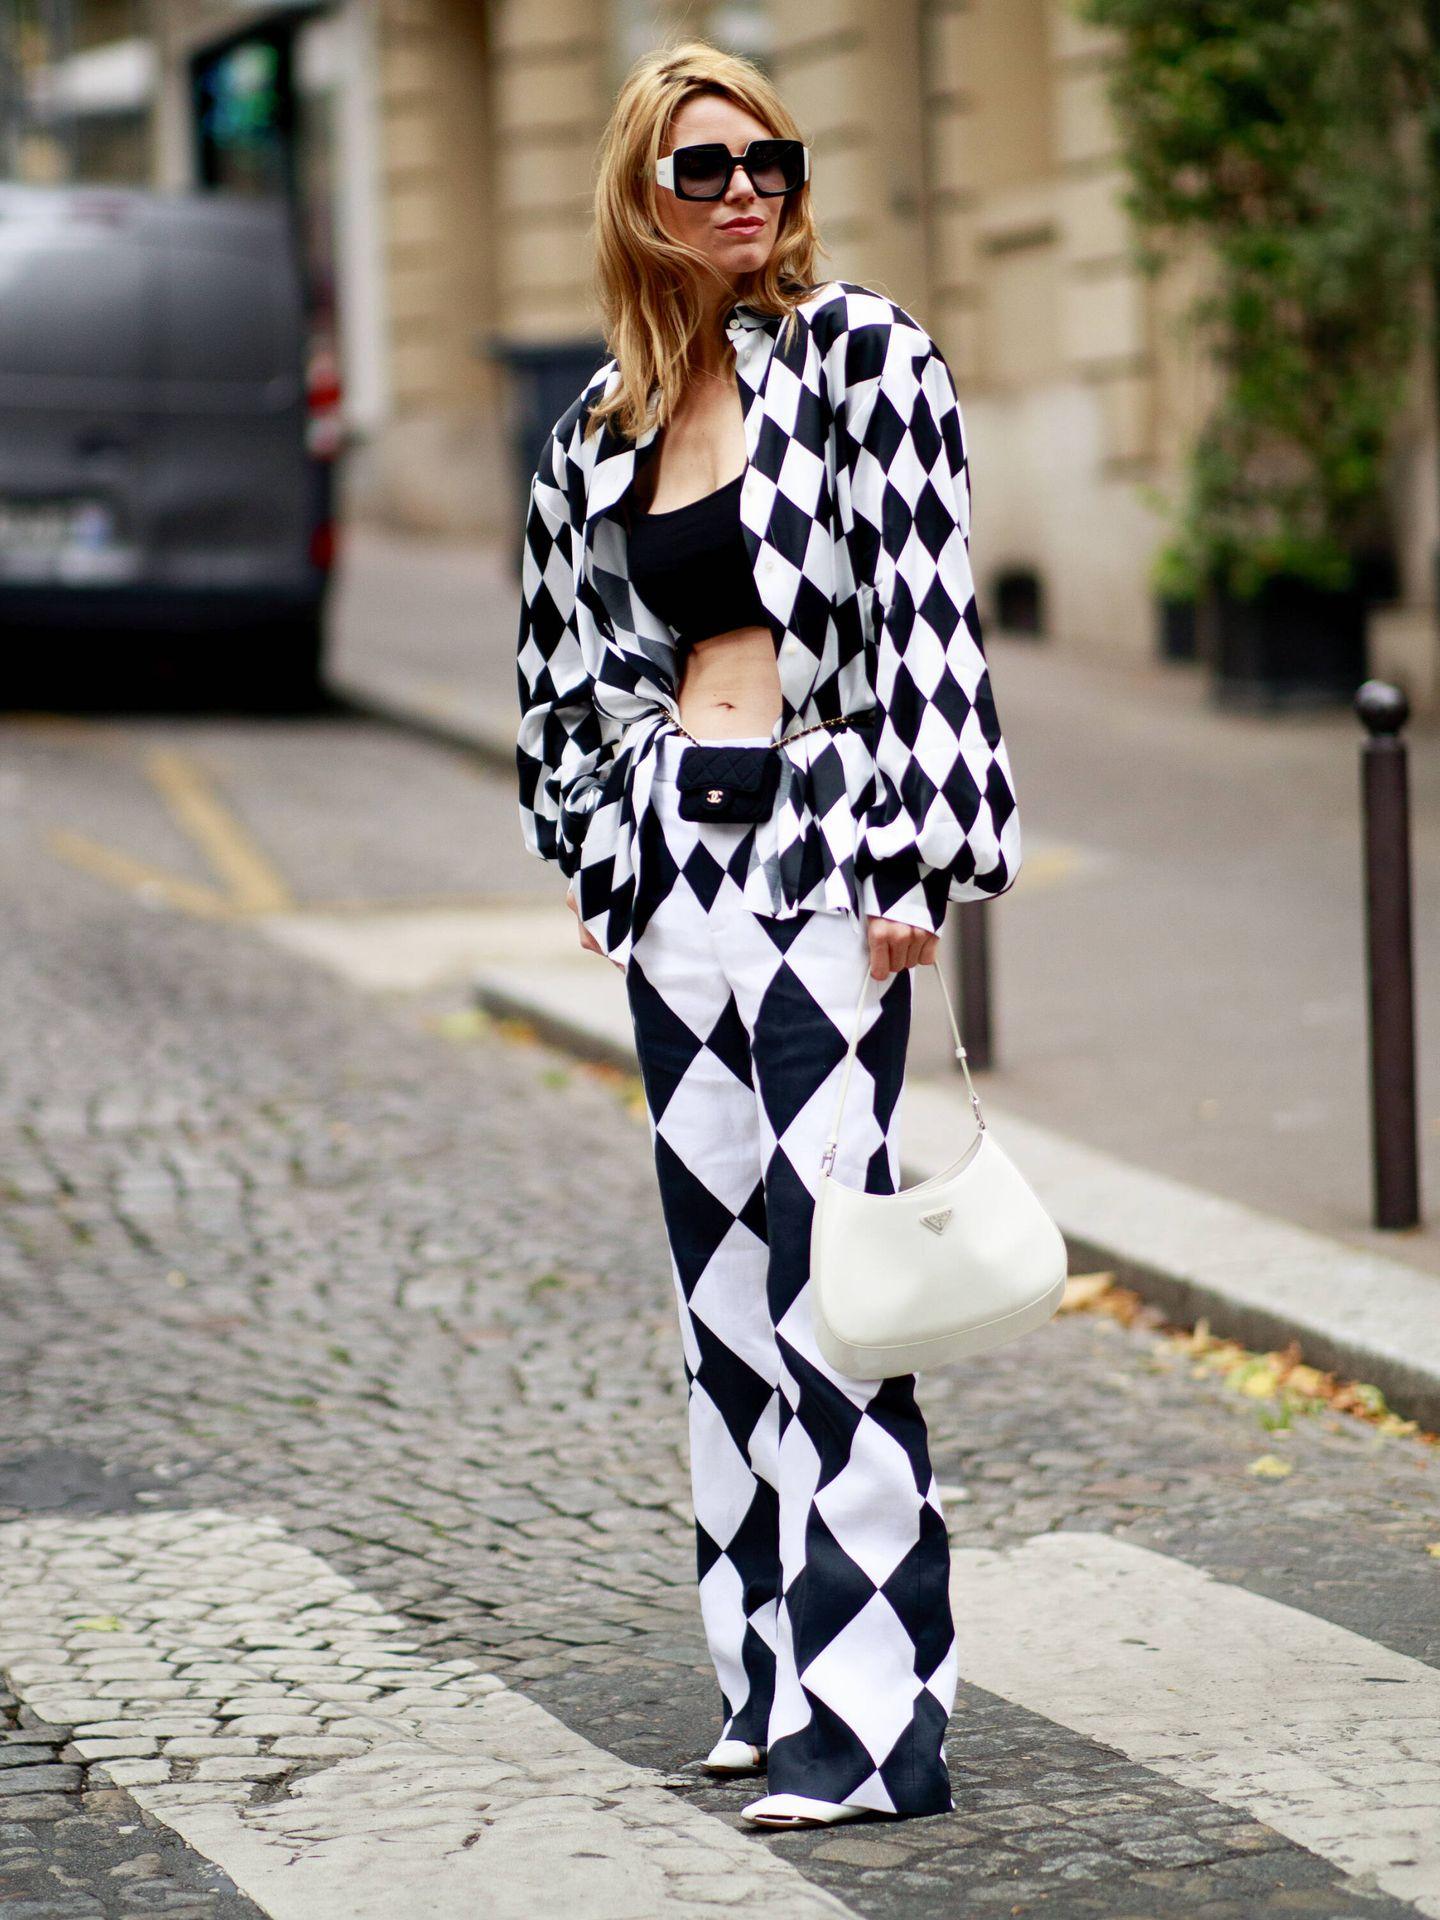 El look de Chanel en las calles de París. (Imaxtree)